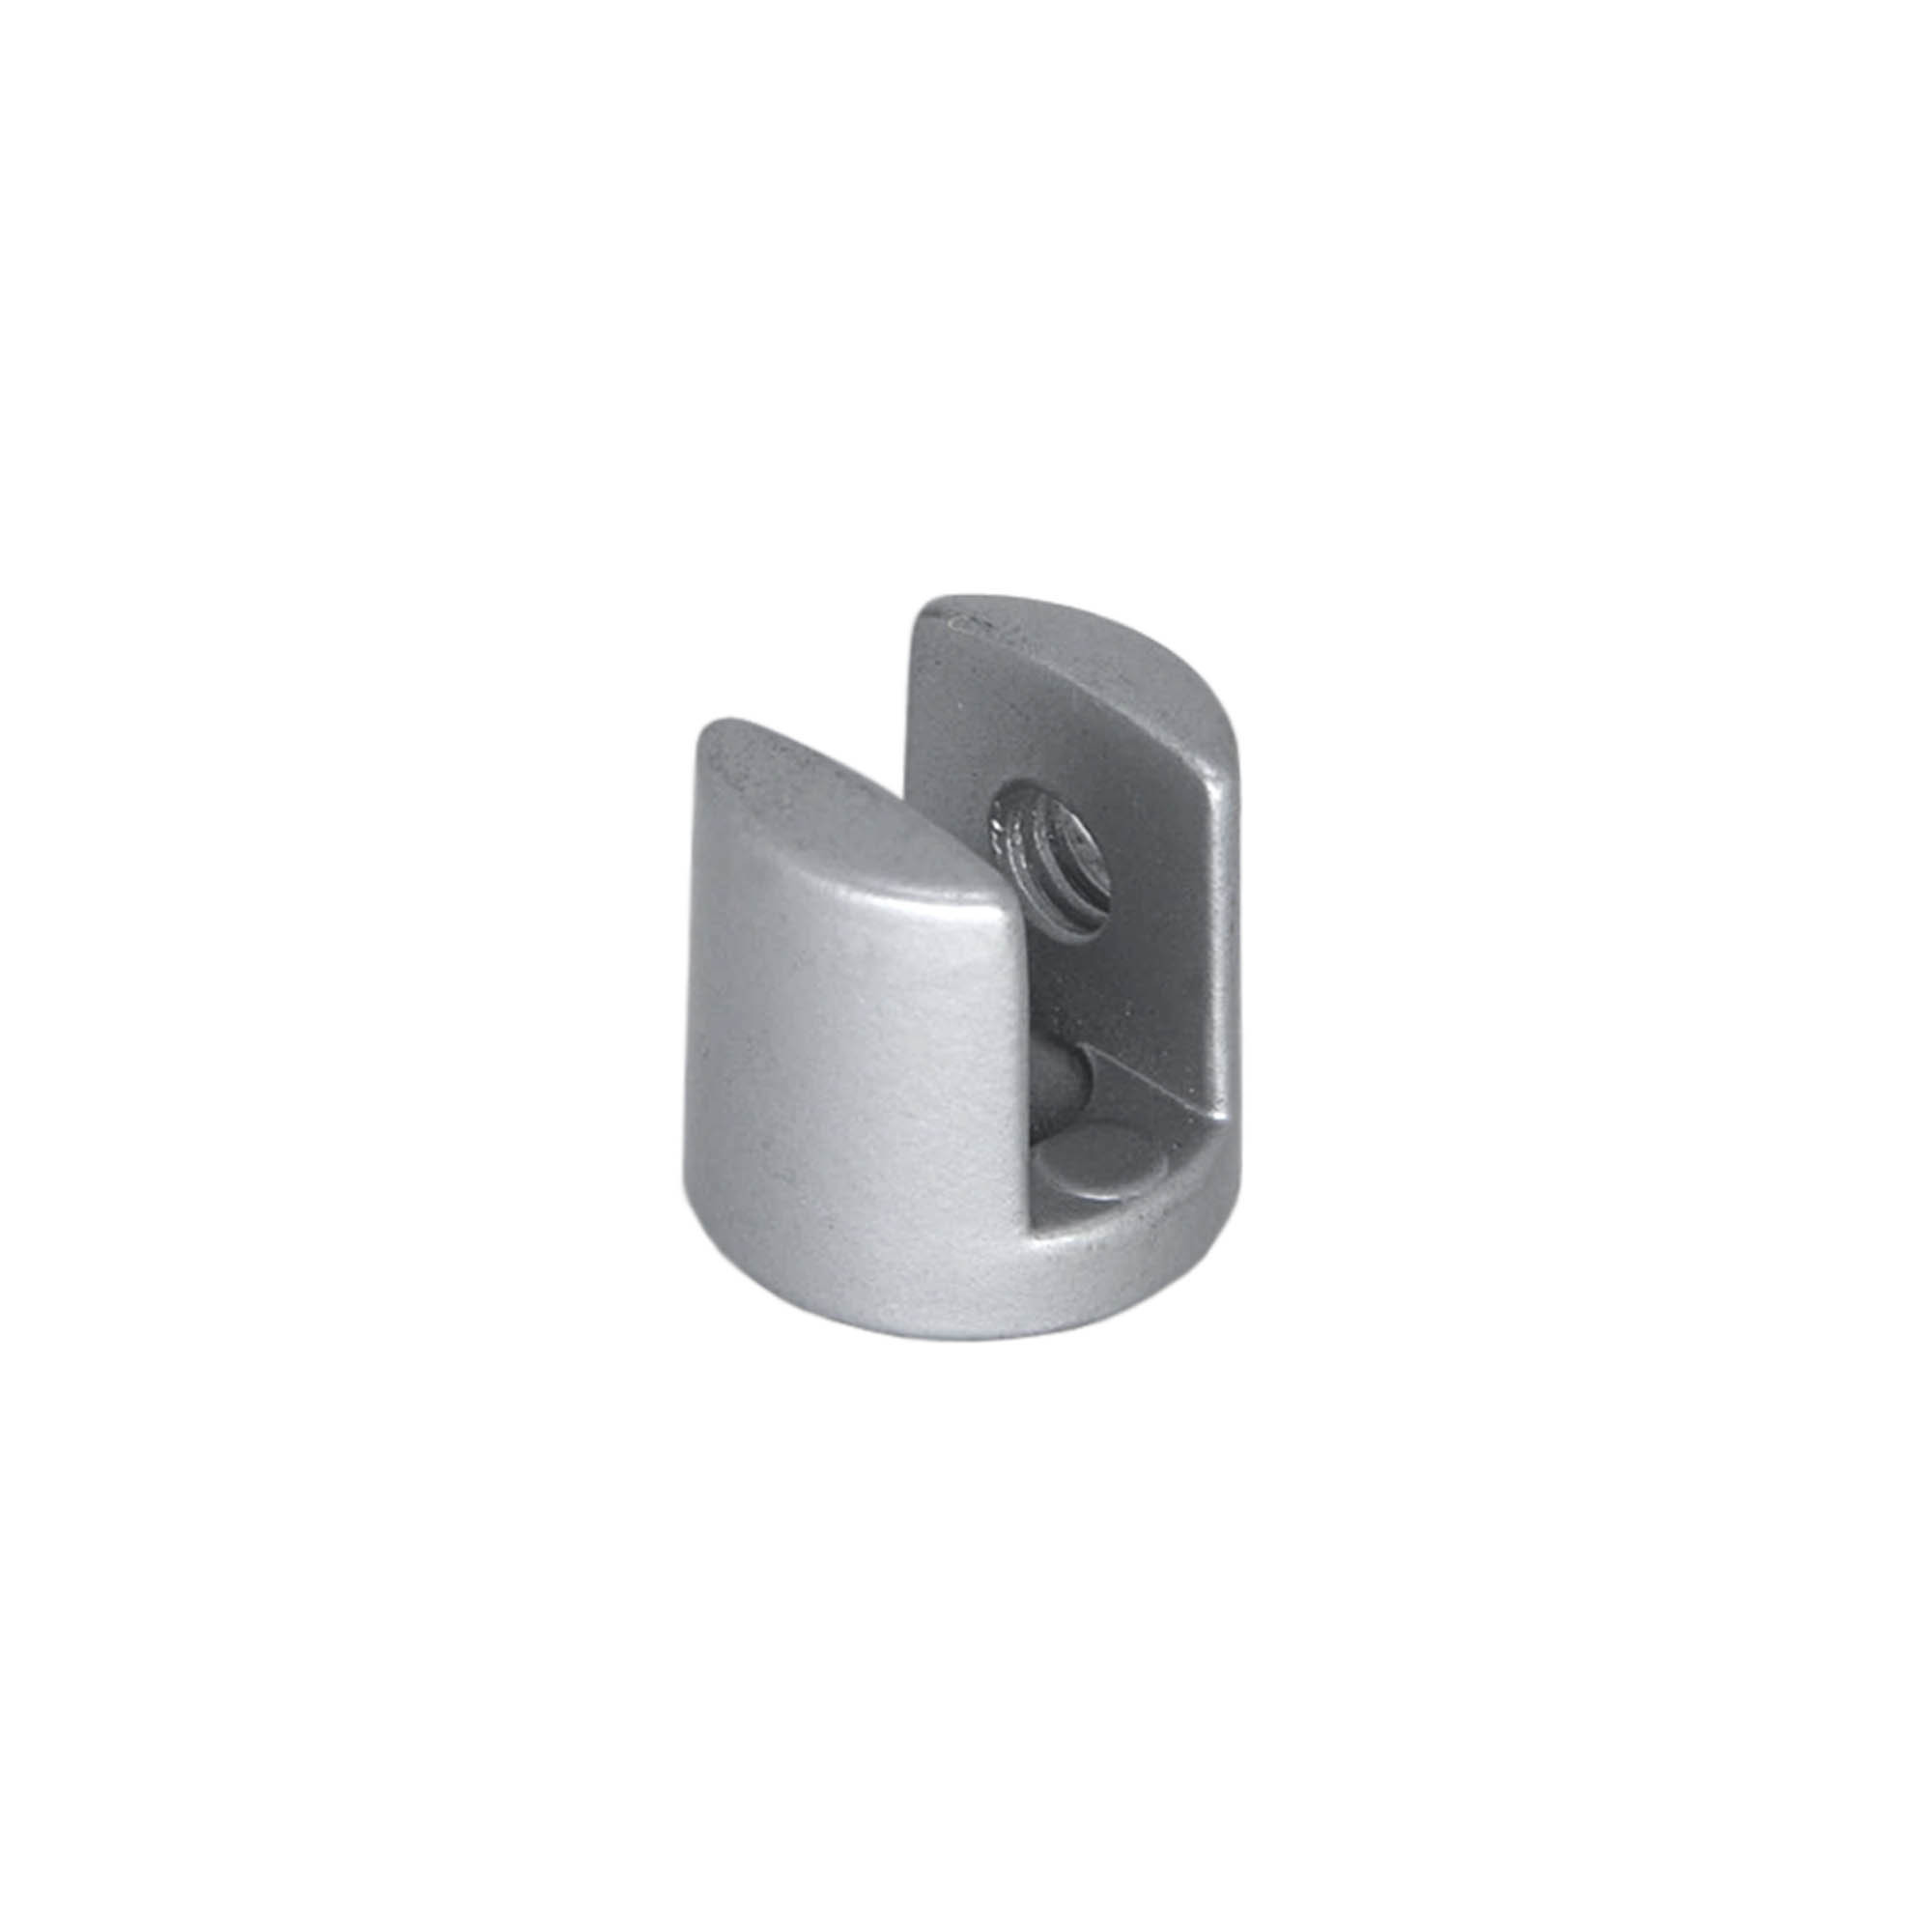 Suporte U para Vidro 10mm Fosco - Fama